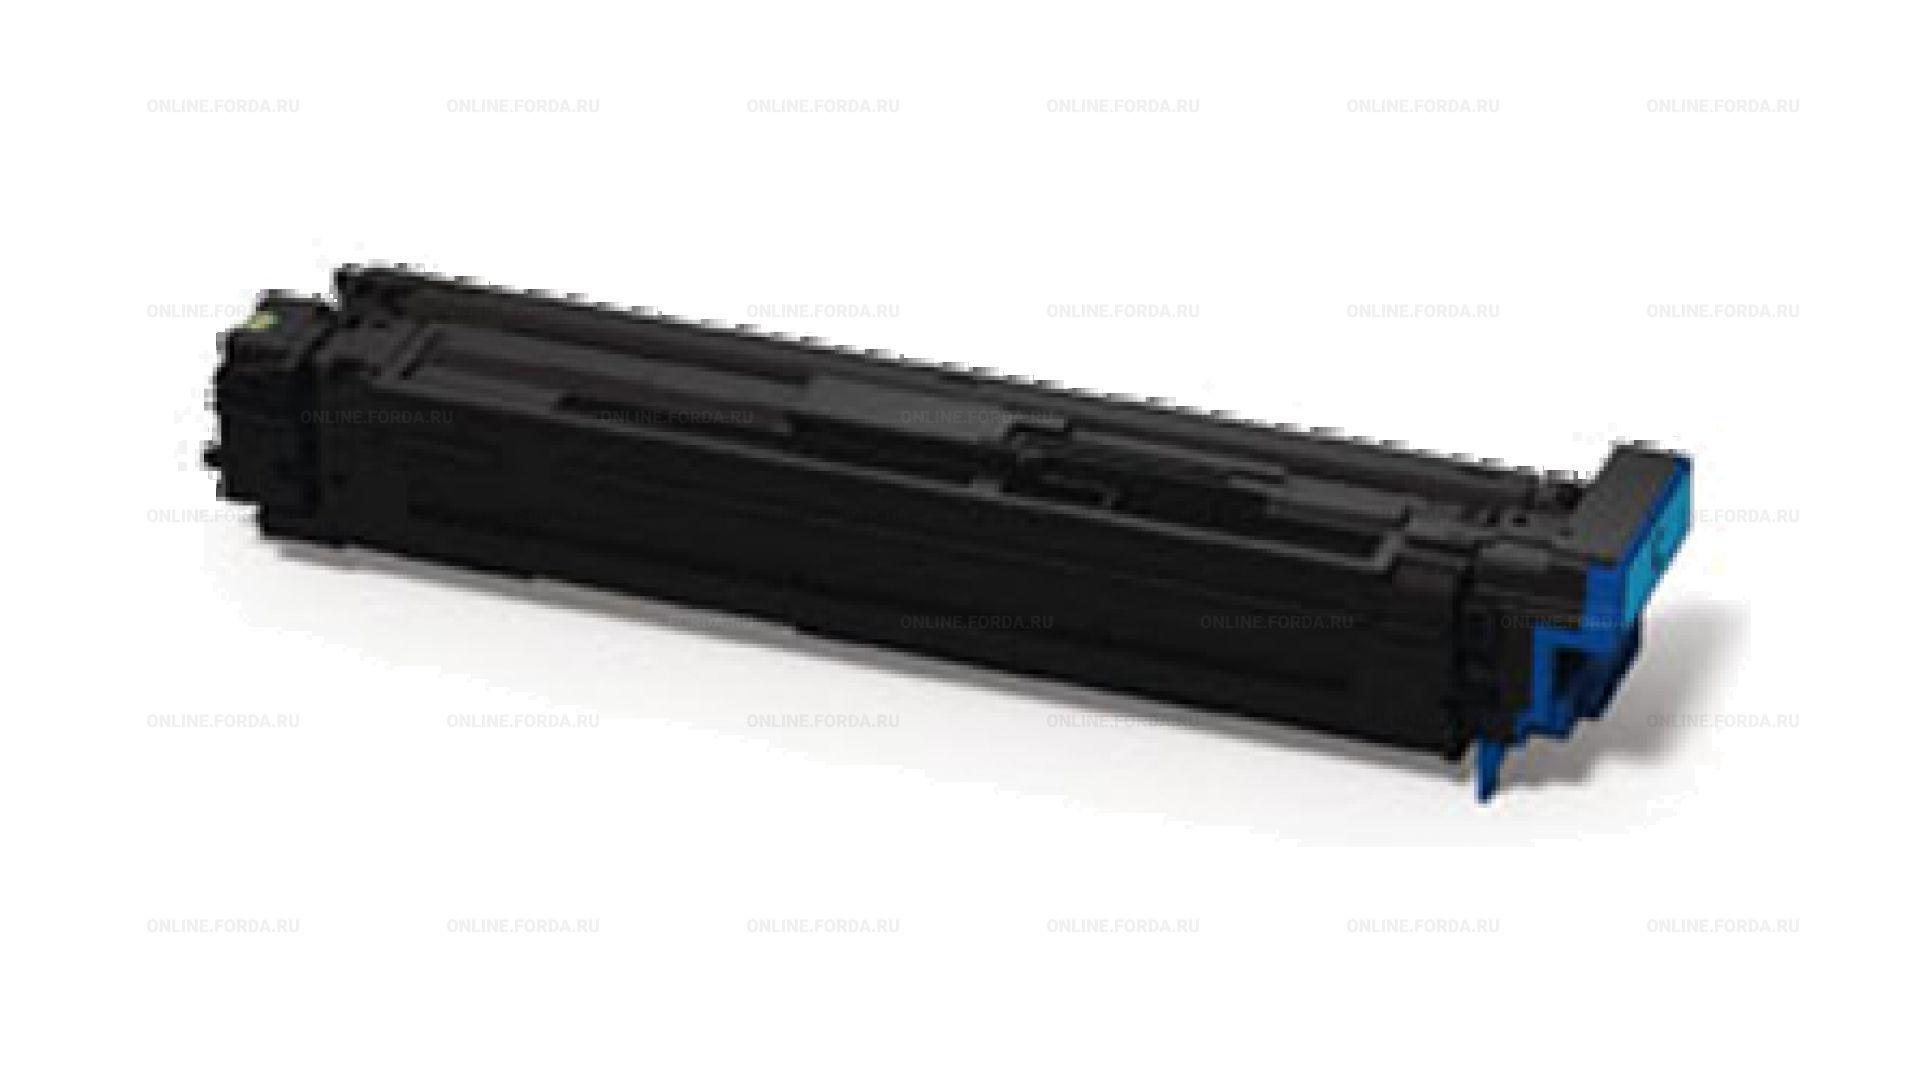 Фотокартридж для принтера Pro9420WT